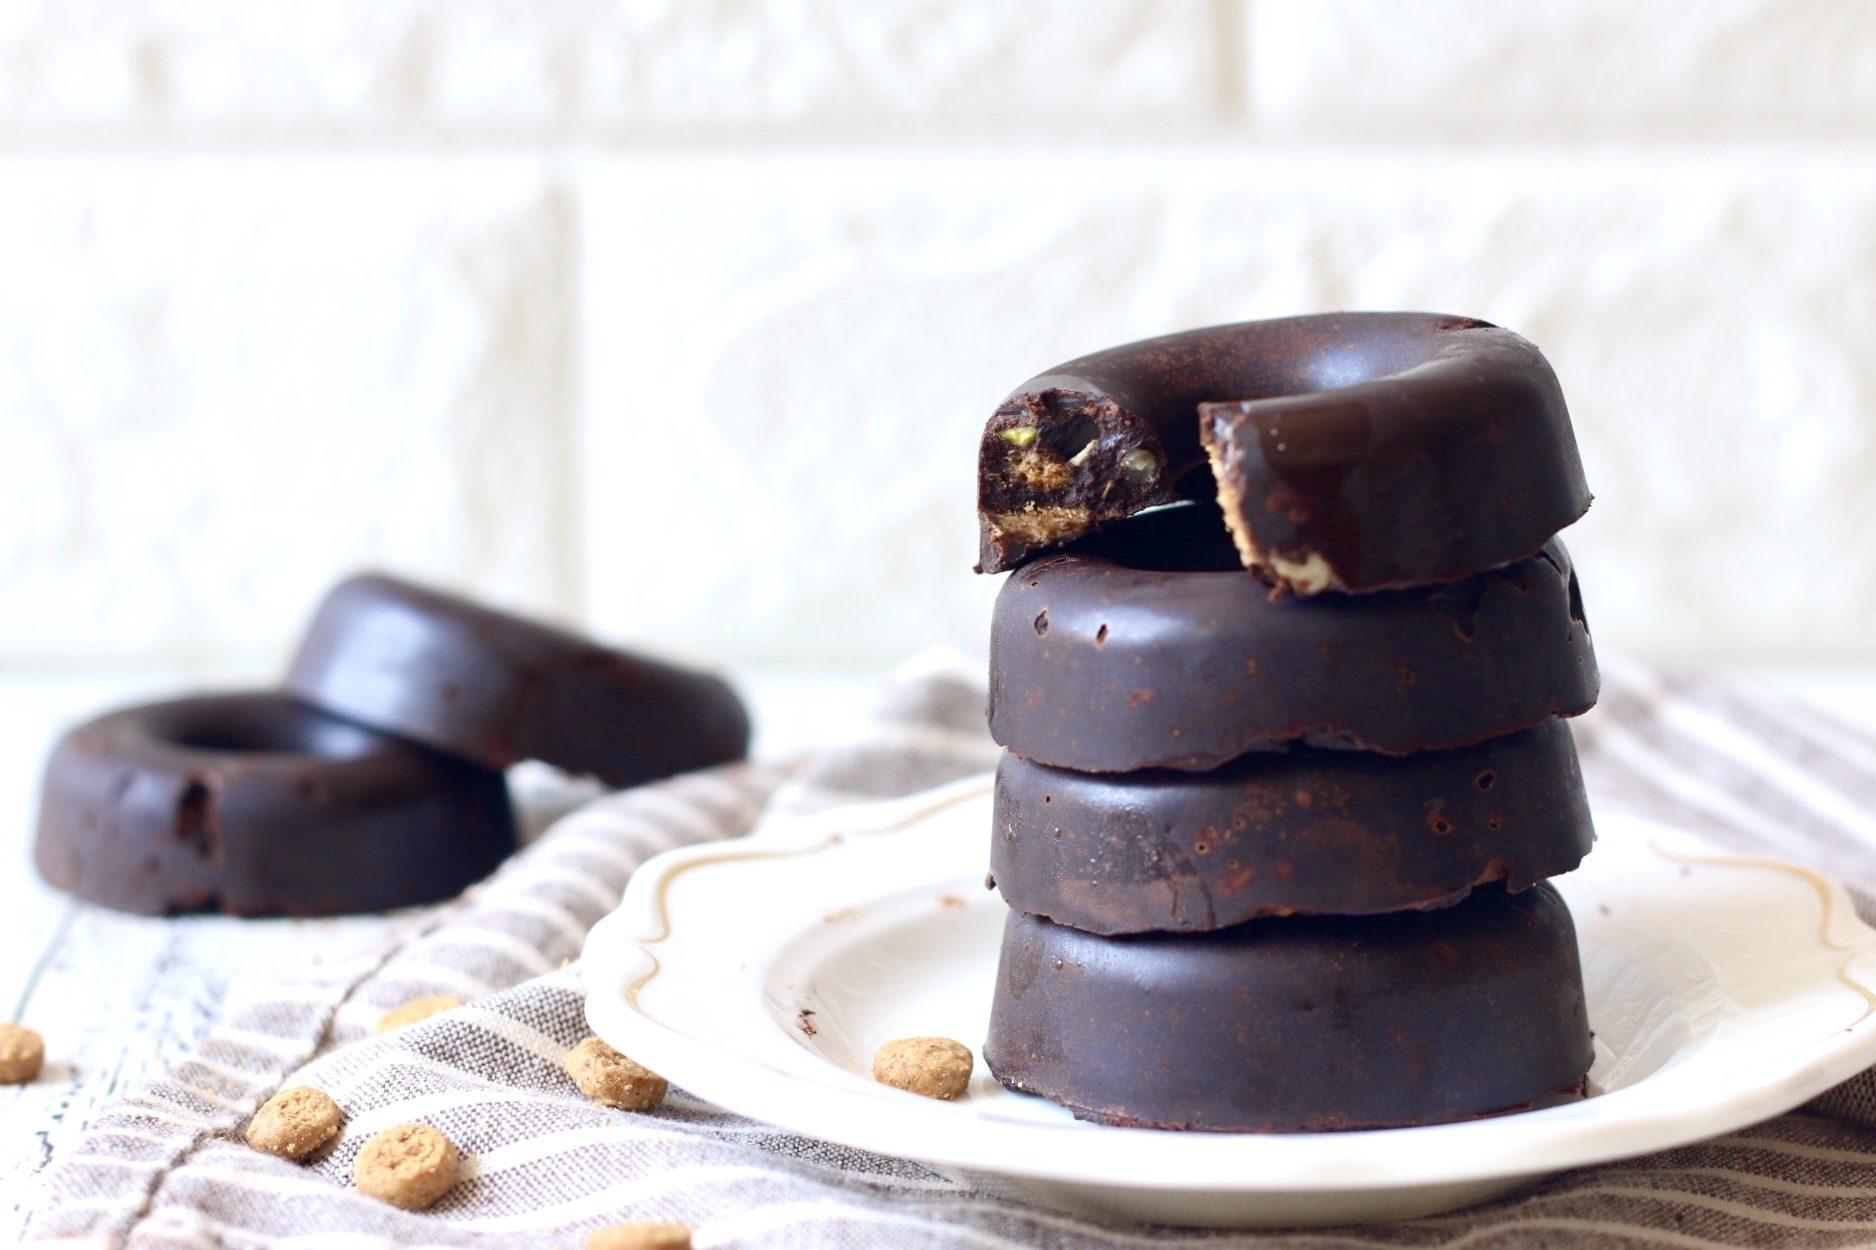 Arretjes donuts